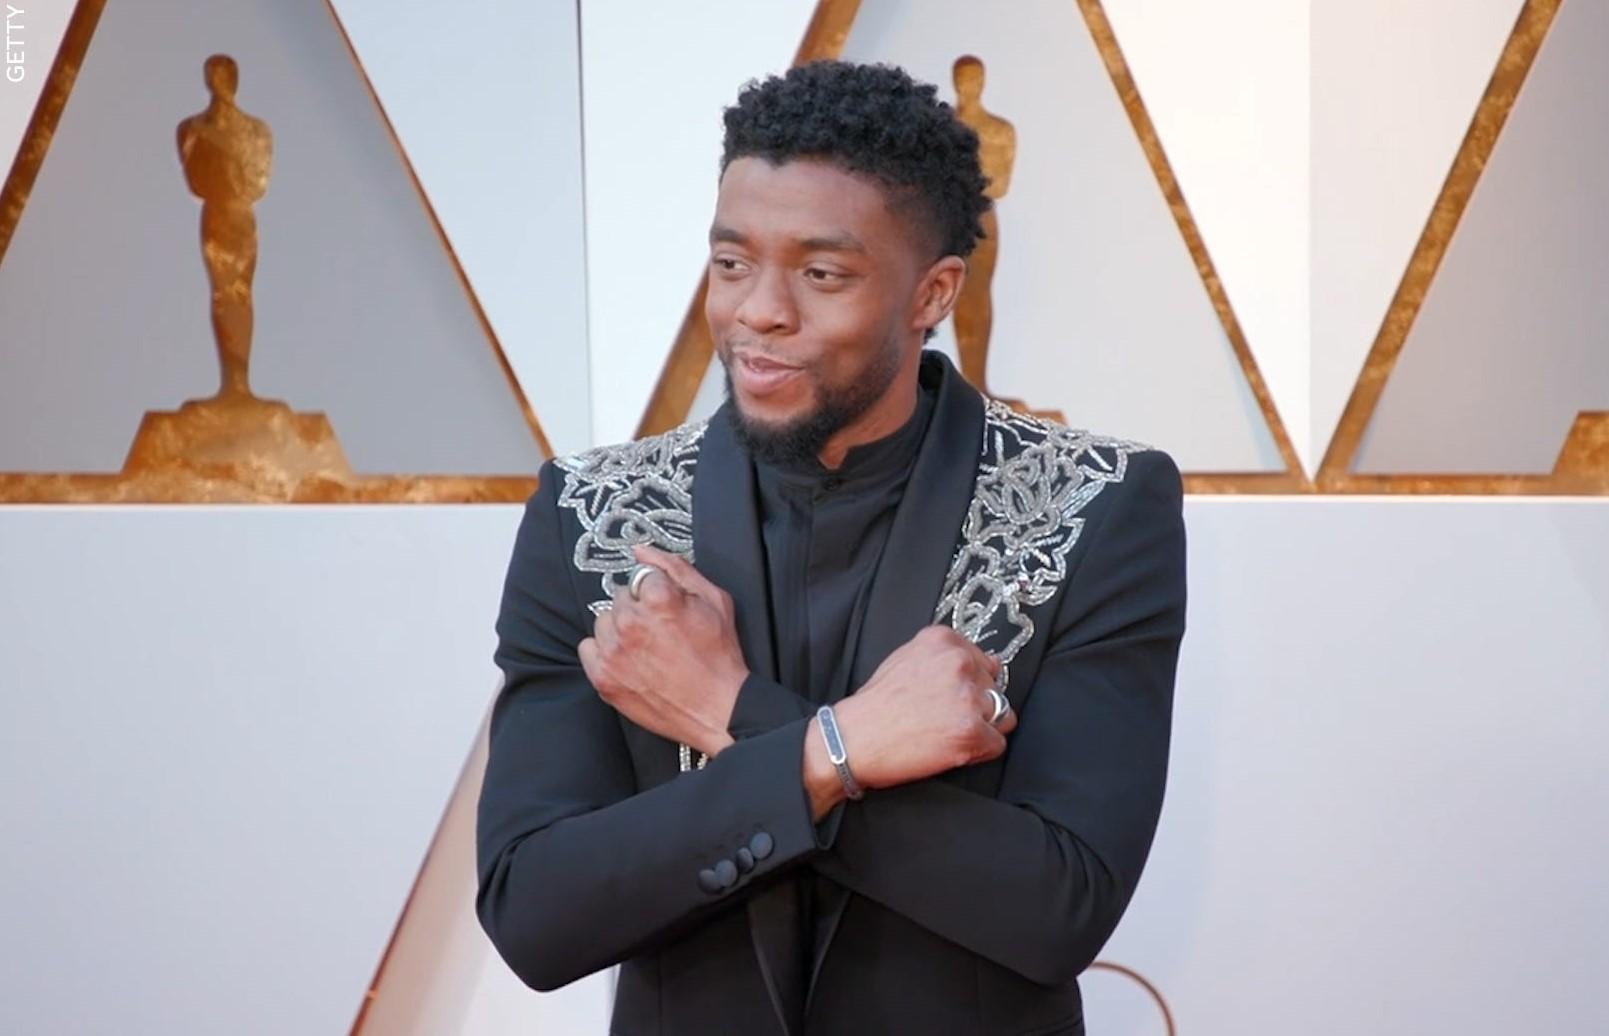 Chadwick Boseman poses at an award ceremony.